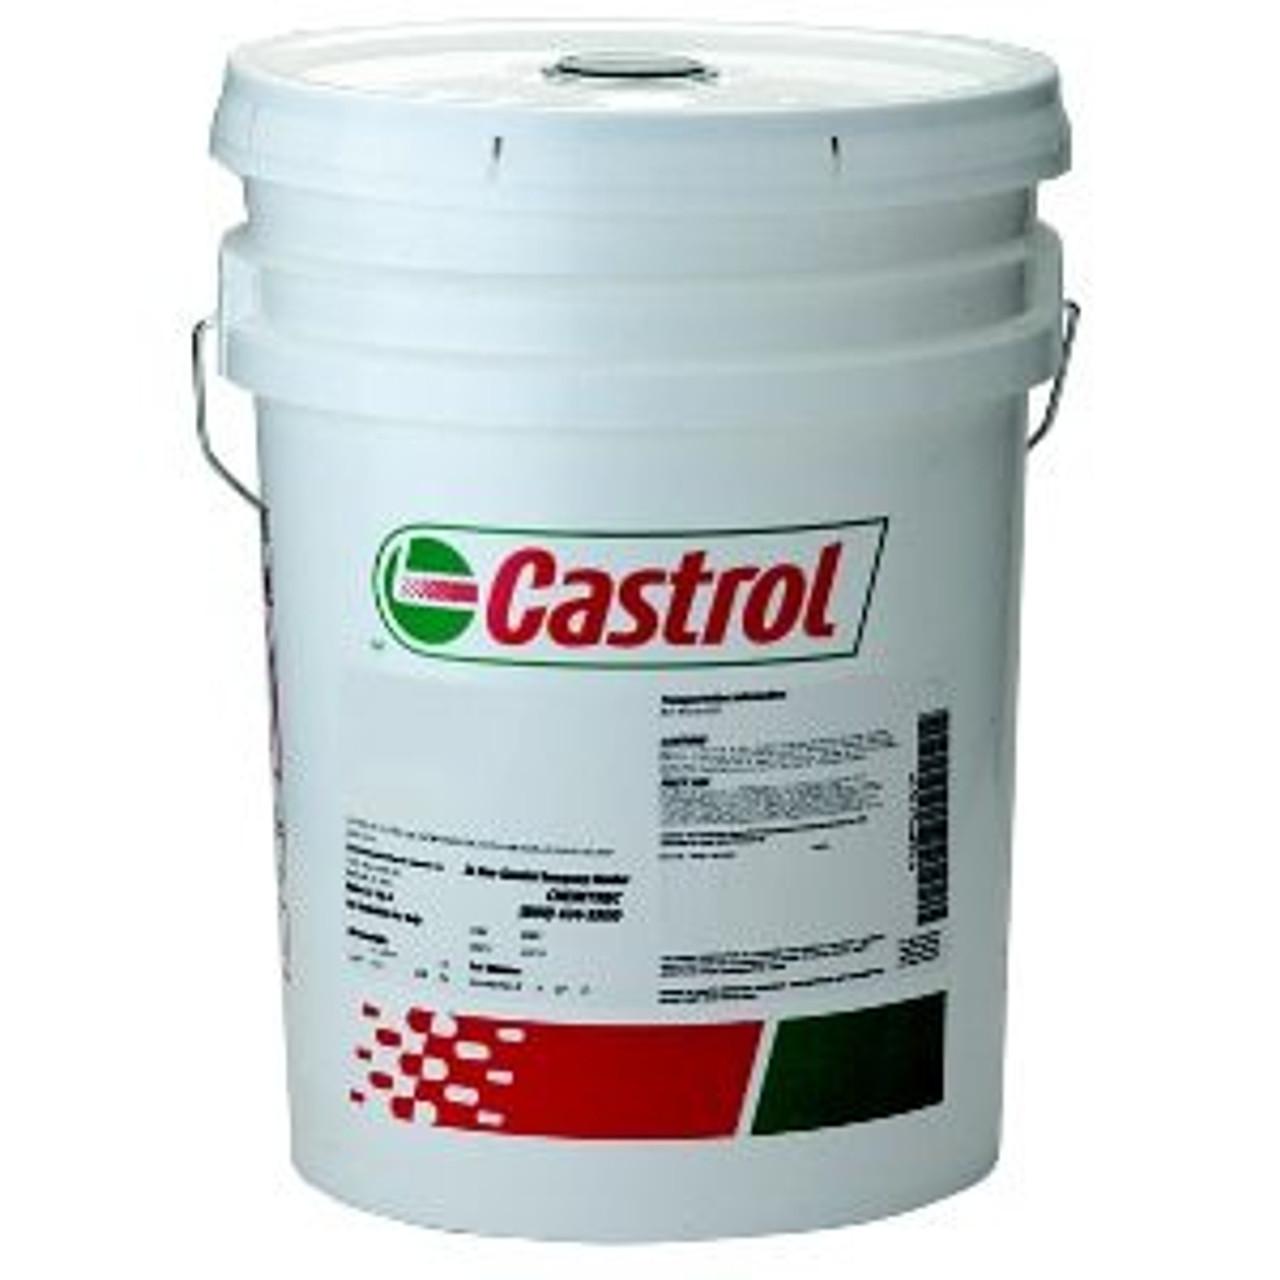 Castrol Optigear  1100/1500 (formerly Tribol) Gear Oil 37 LB Pail